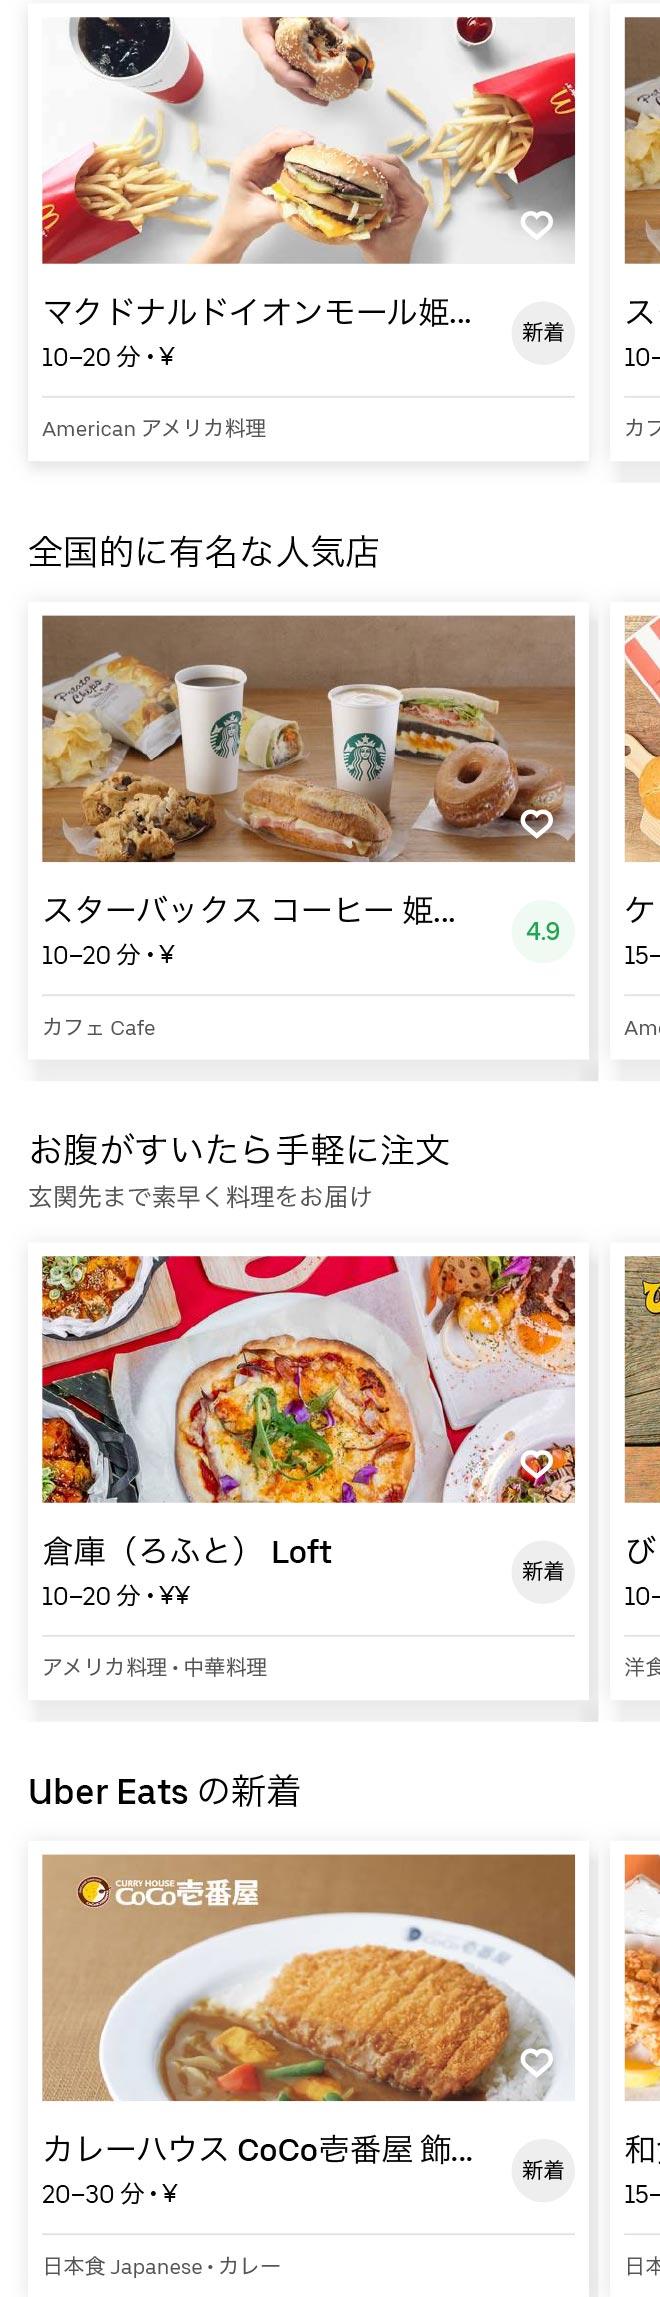 Shikama menu 2007 01